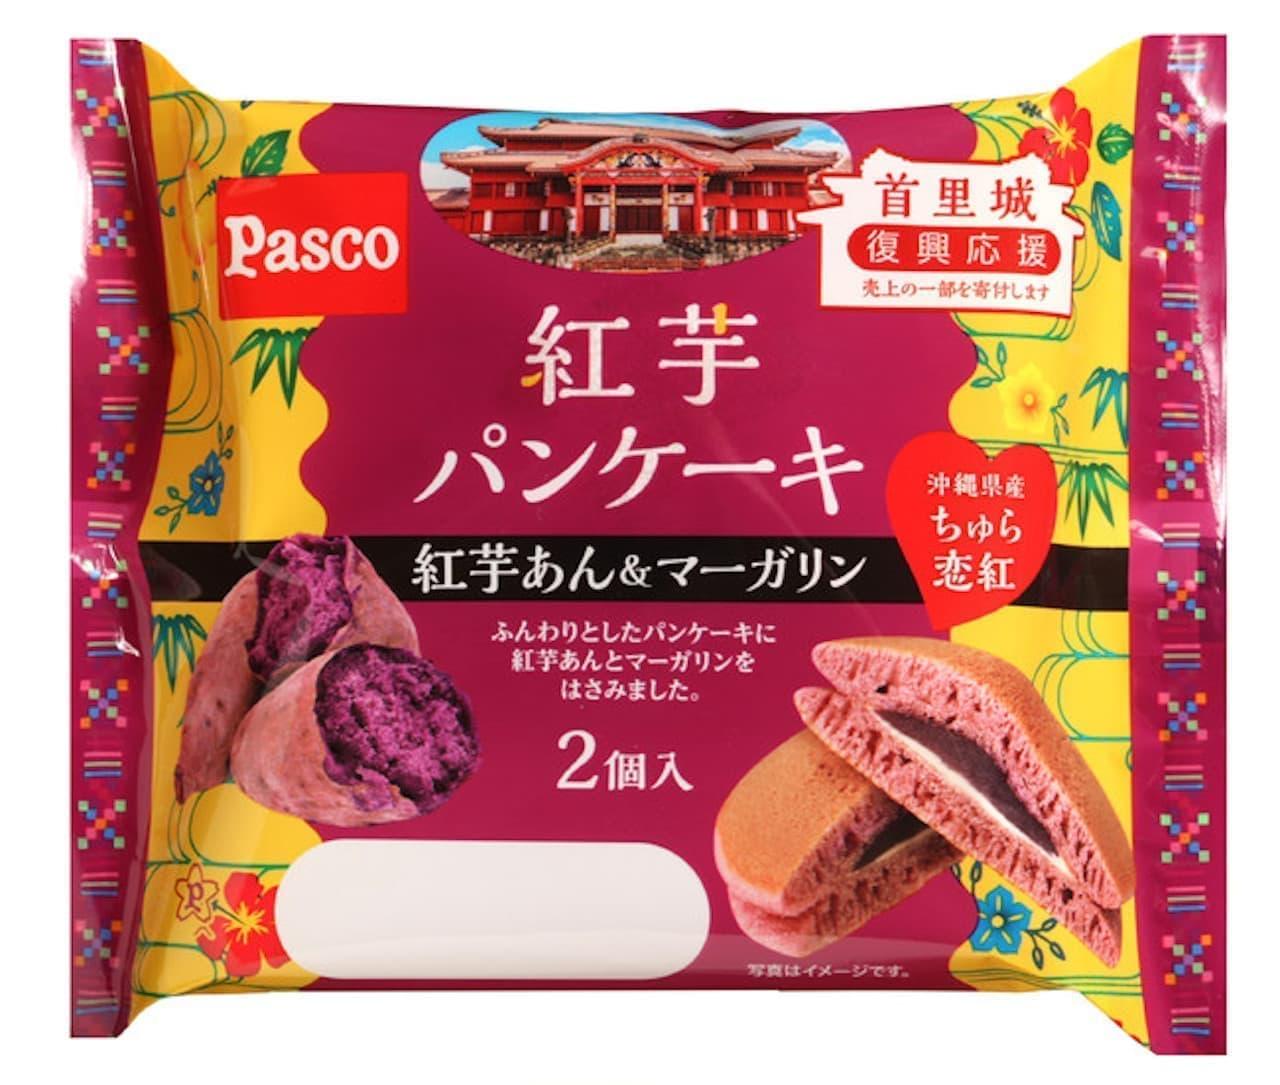 パスコ(Pasco)の2021年1月新商品売れ筋ランキング